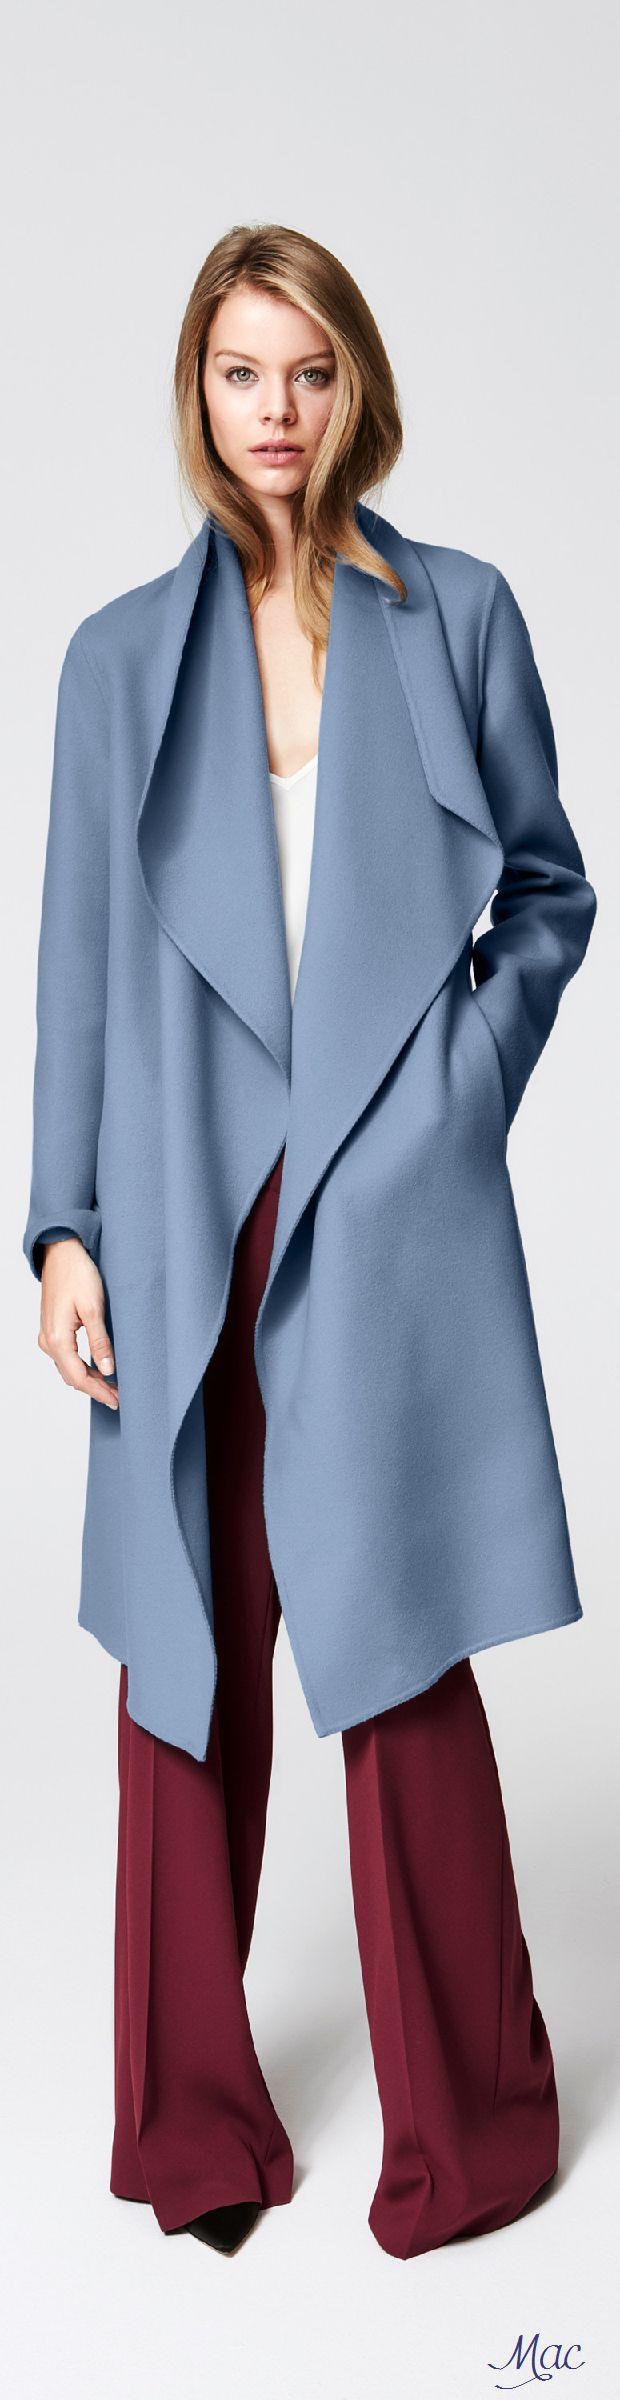 65 best Holiday Fashion Inspiration images on Pinterest   Fuzzy coat ...